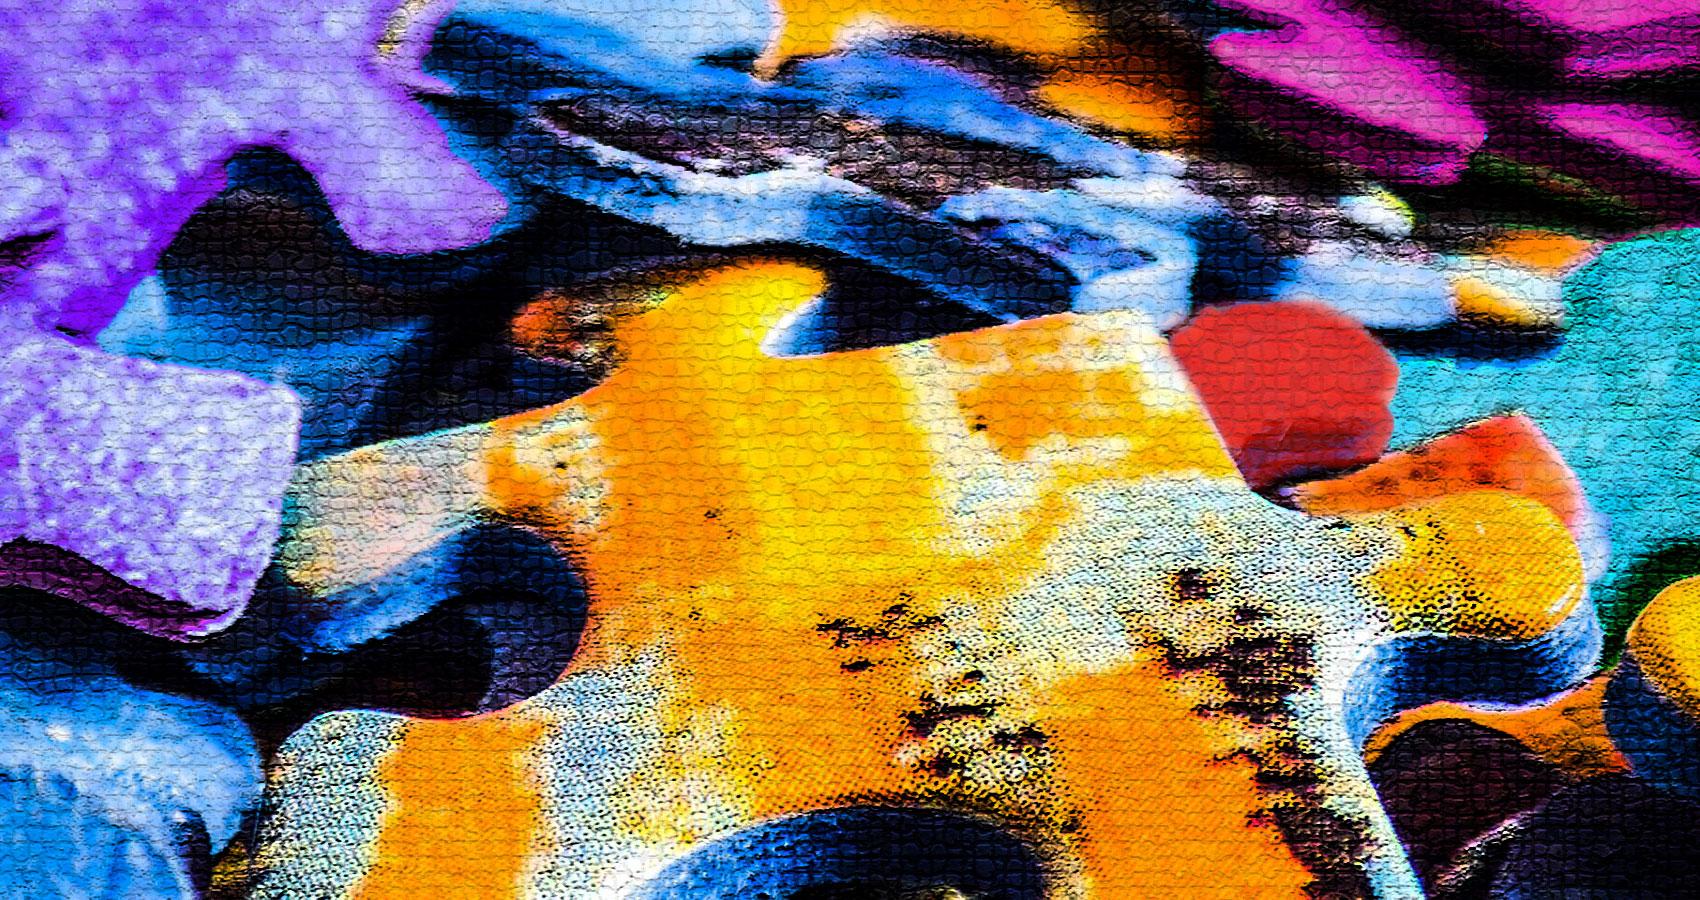 A Fleeting Image written by Avi Fleischer at Spillwords.com